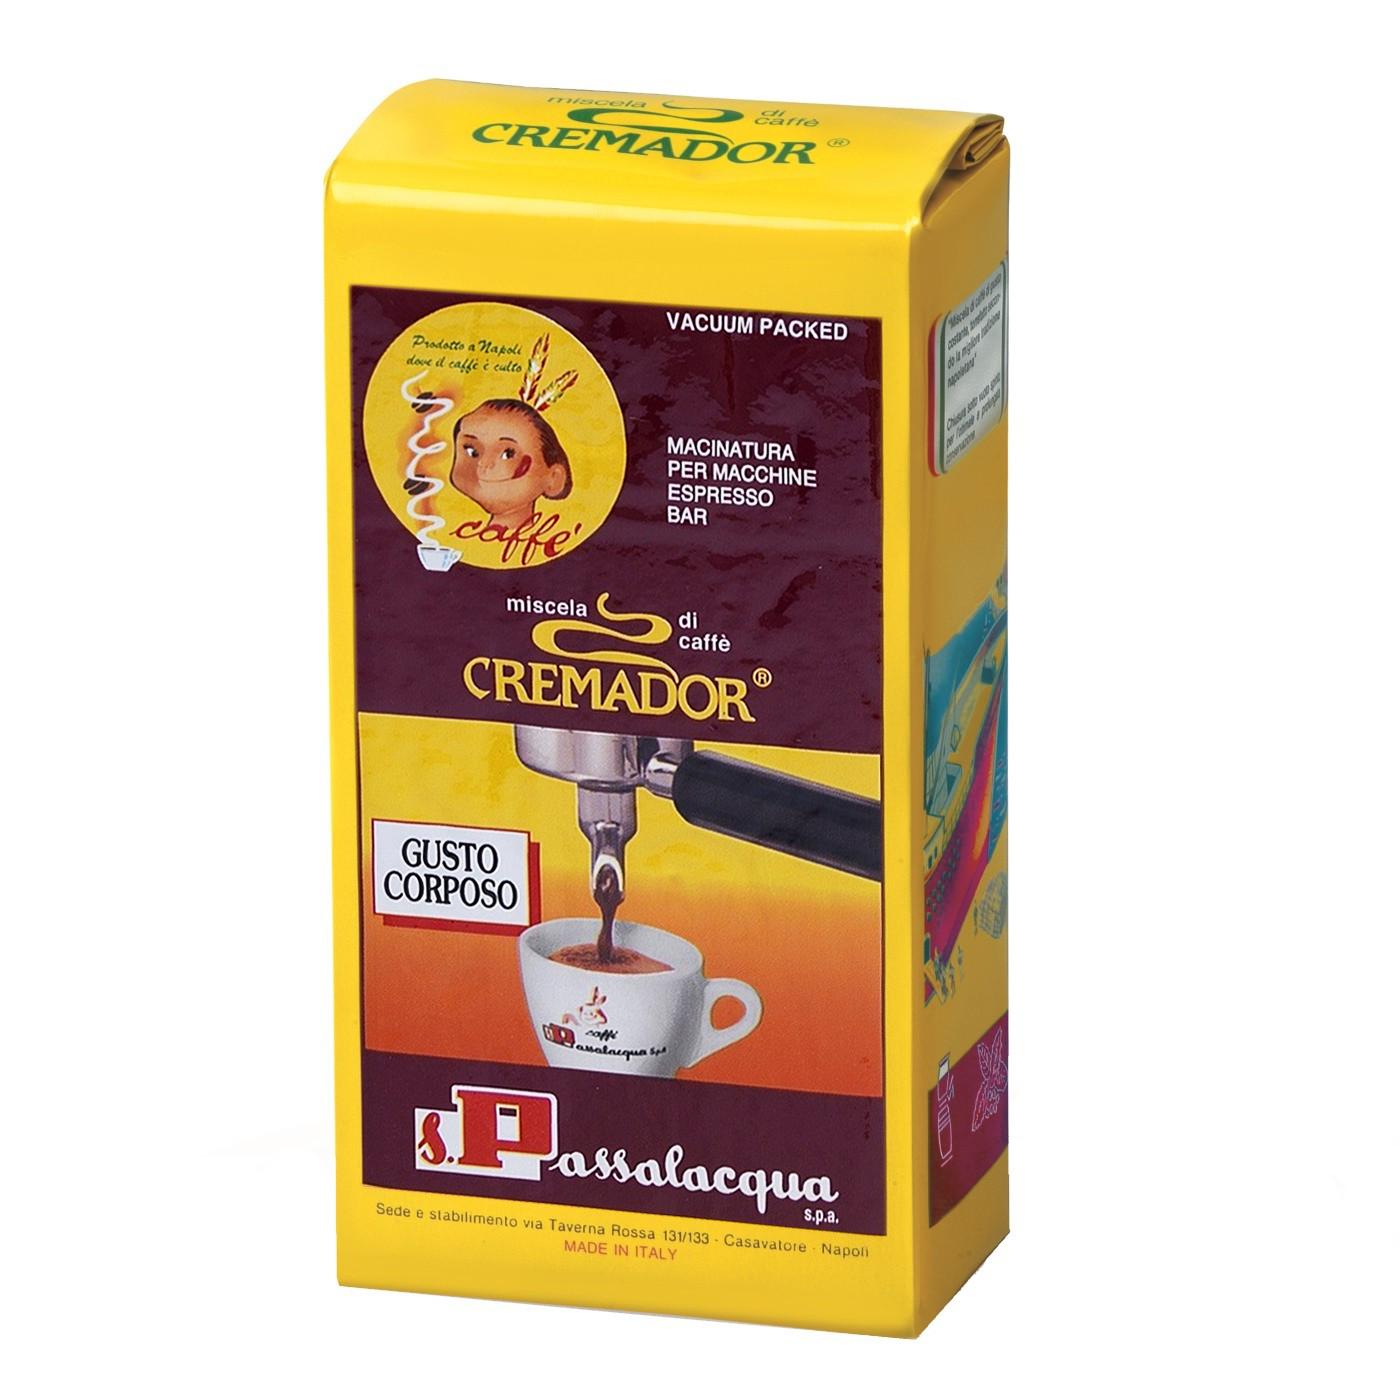 Passalacqua Cremador E, gemahlen